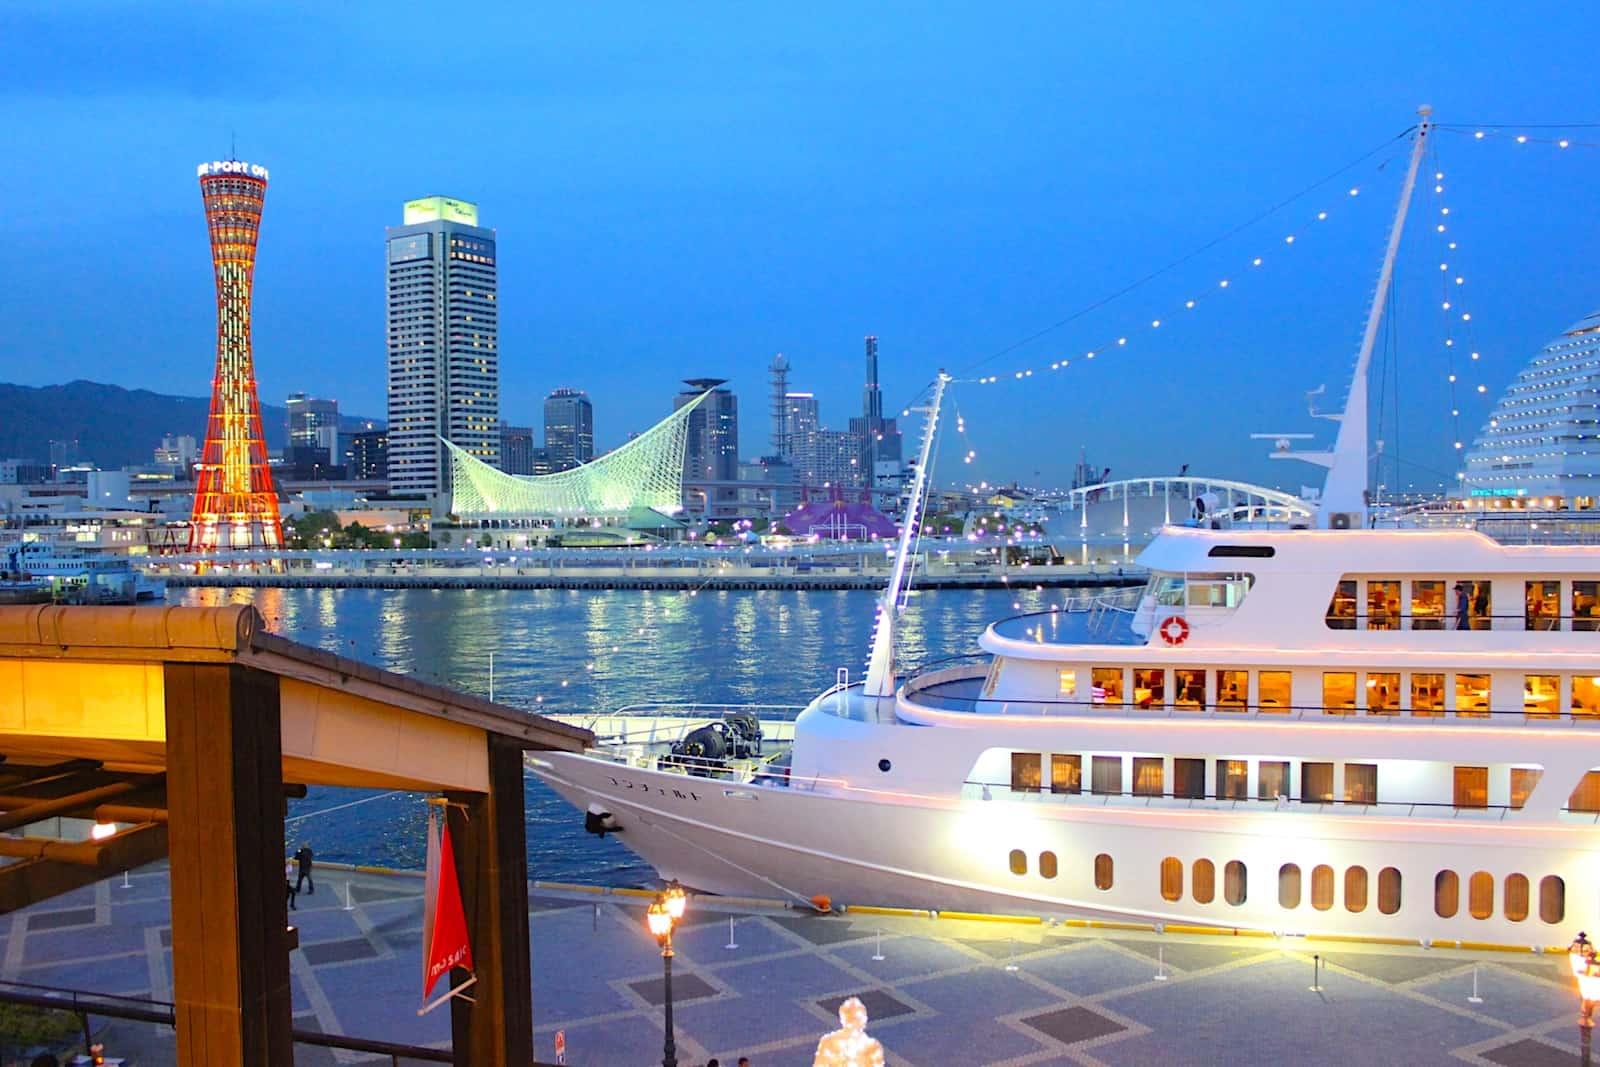 วิธีไปโกเบ (Kobe:神戸) - เรือสำราญคอนเชโต (Concerto) และโกเบพอร์ททาวเวอร์ (Kobe Port Tower) แลนมาร์คของโกเบ